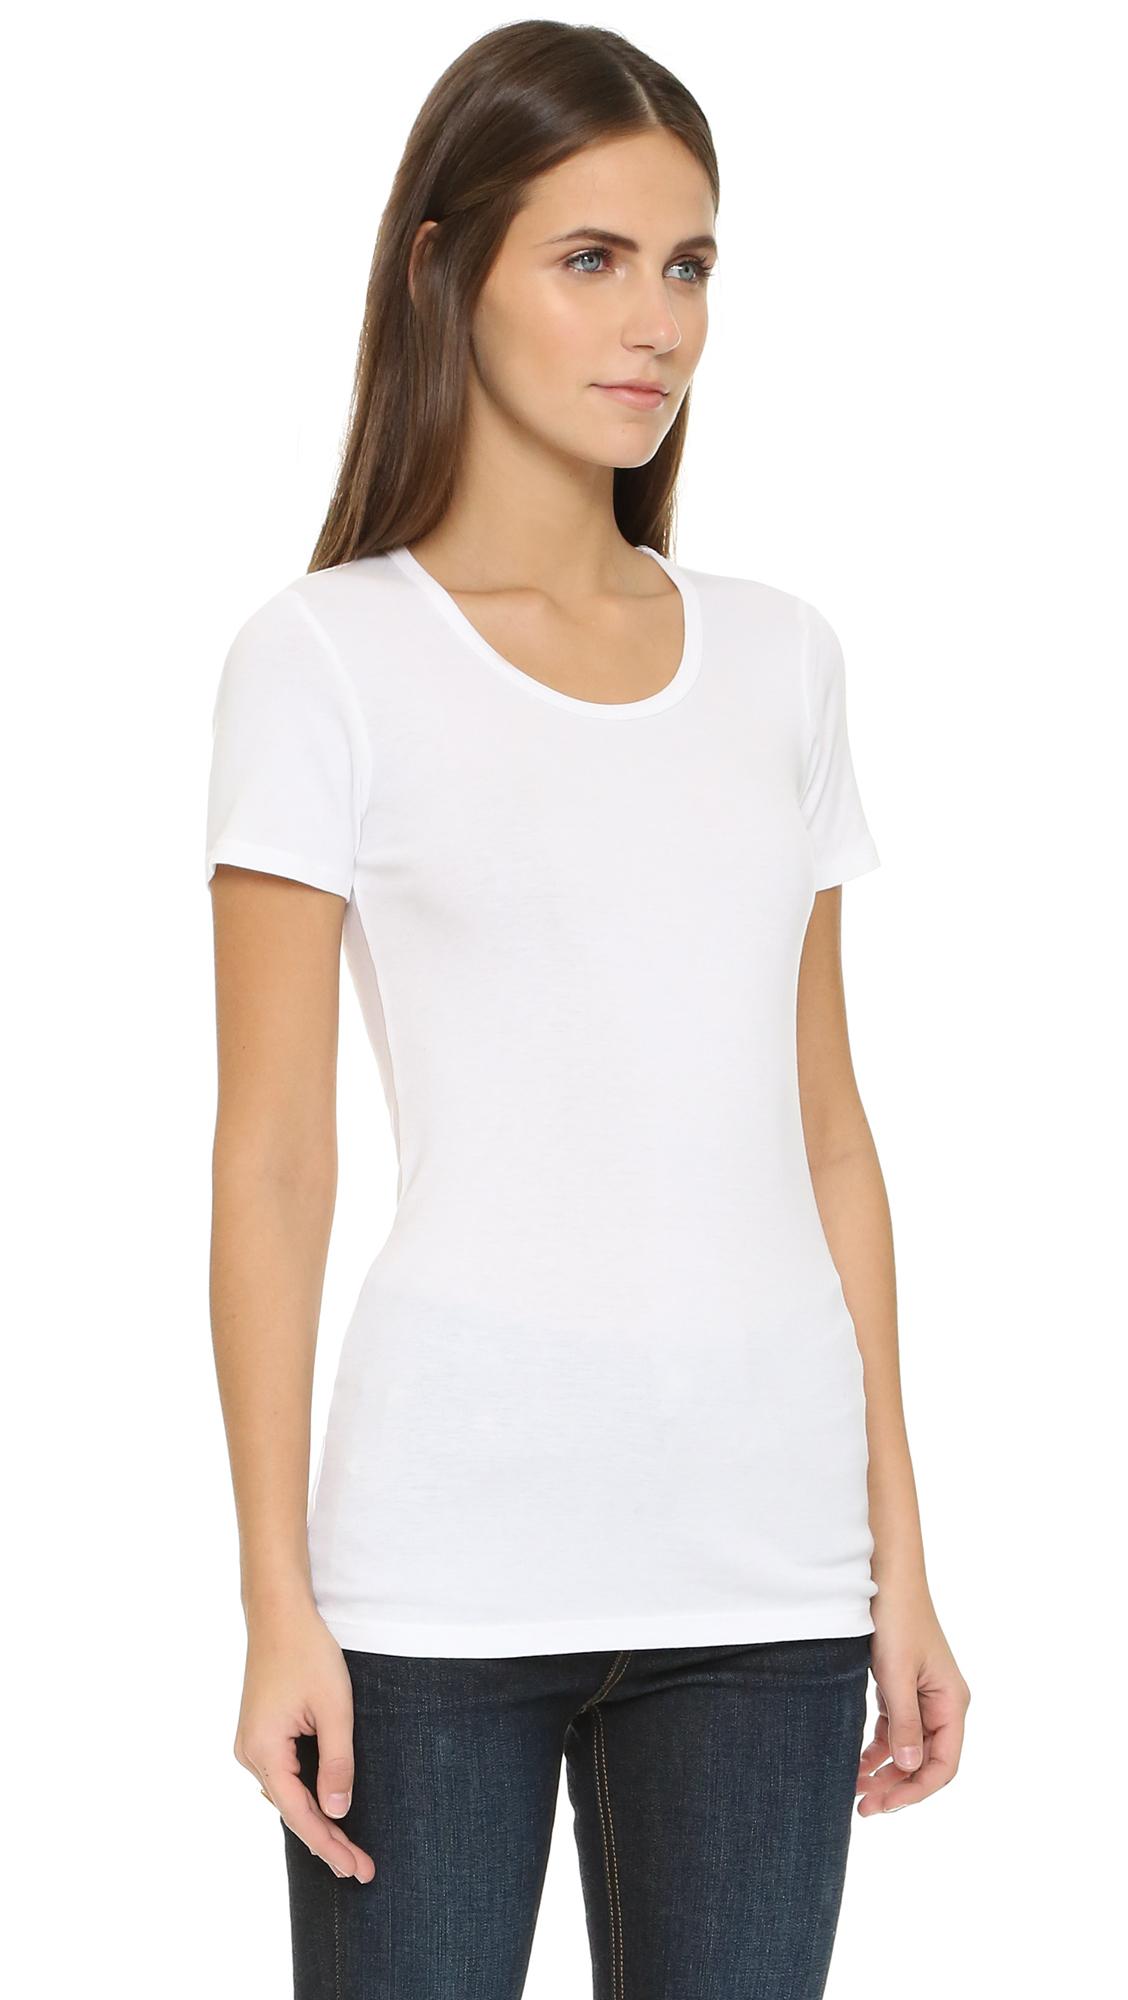 Lyst splendid infant 39 s solid short sleeve tee in white for Splendid infant